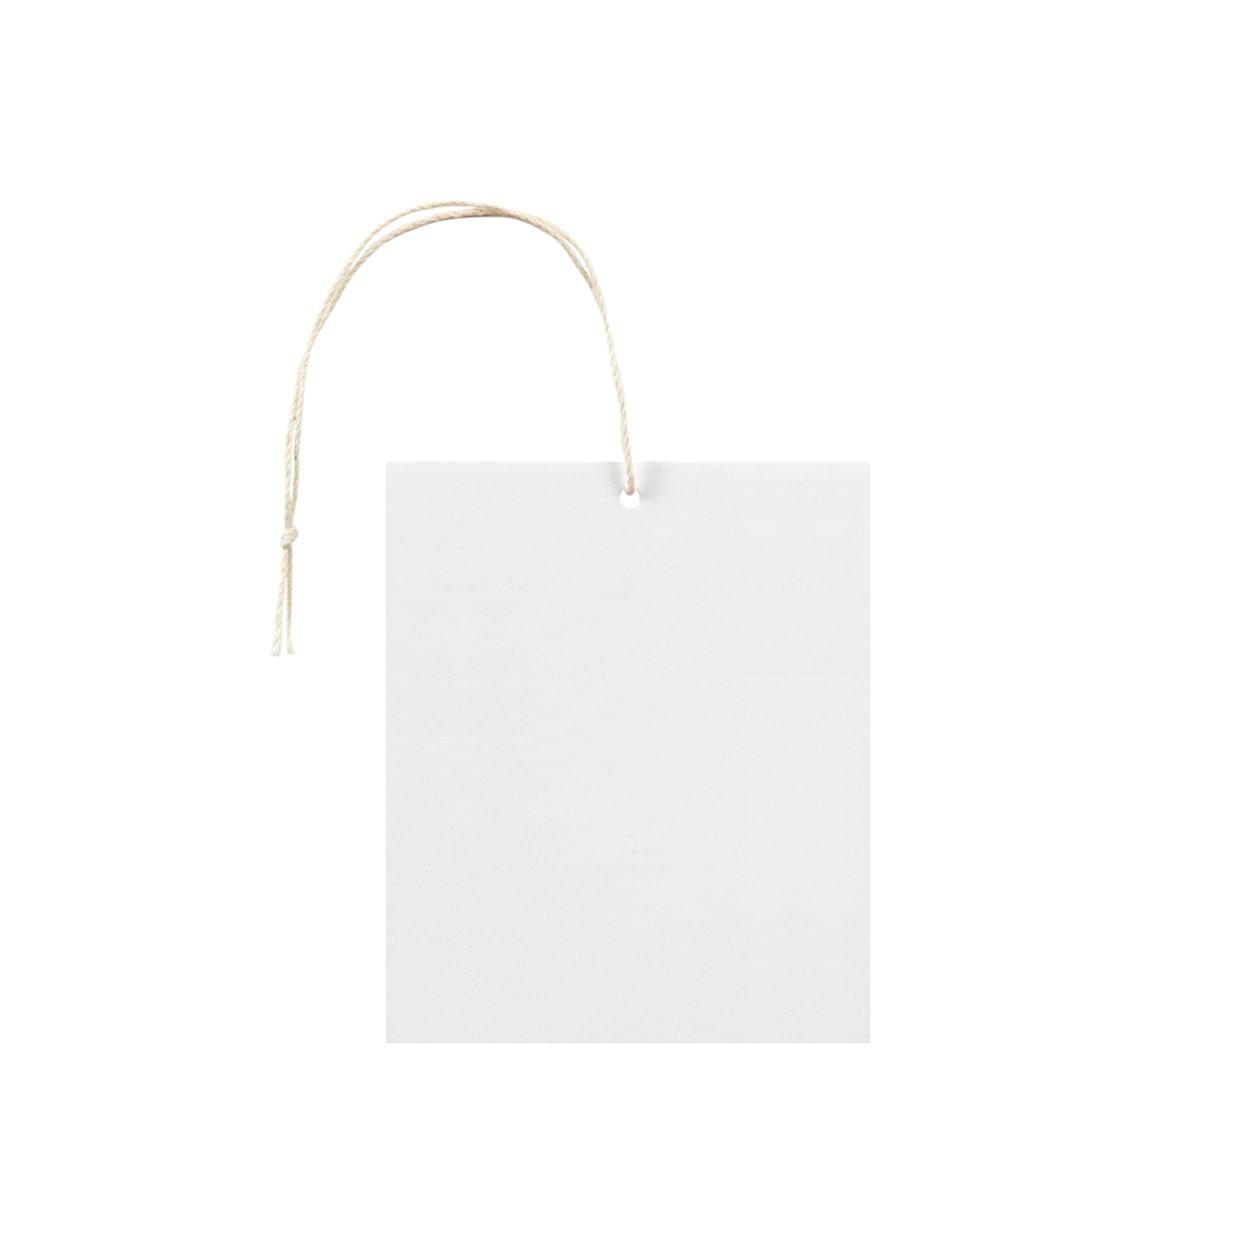 タグ75×90四角形 コットンスノーホワイト 232.8g タグ紐(細)コットン生成